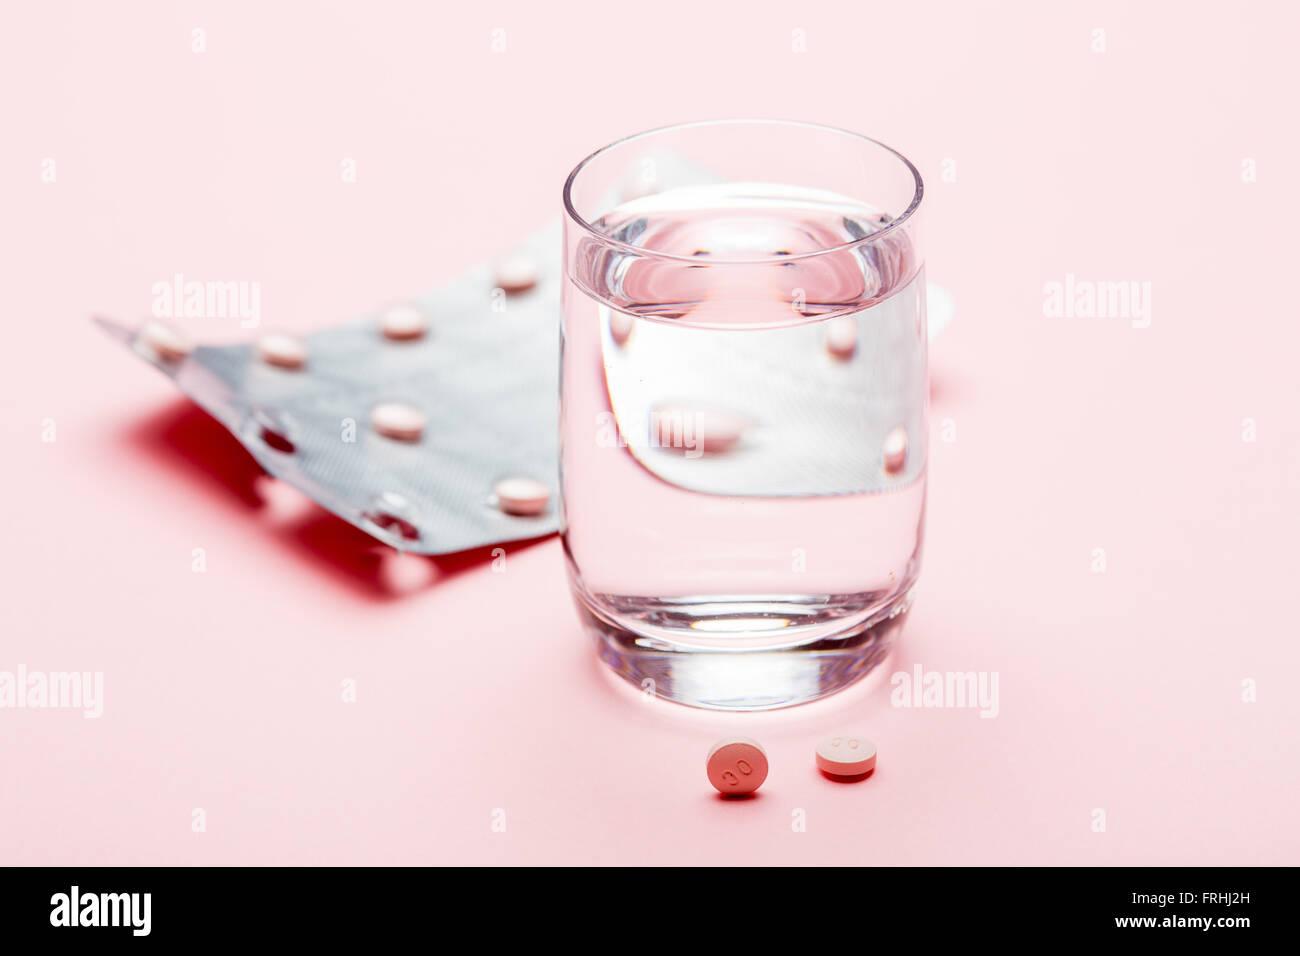 Medizin und ein Glas Wasser. Stockbild